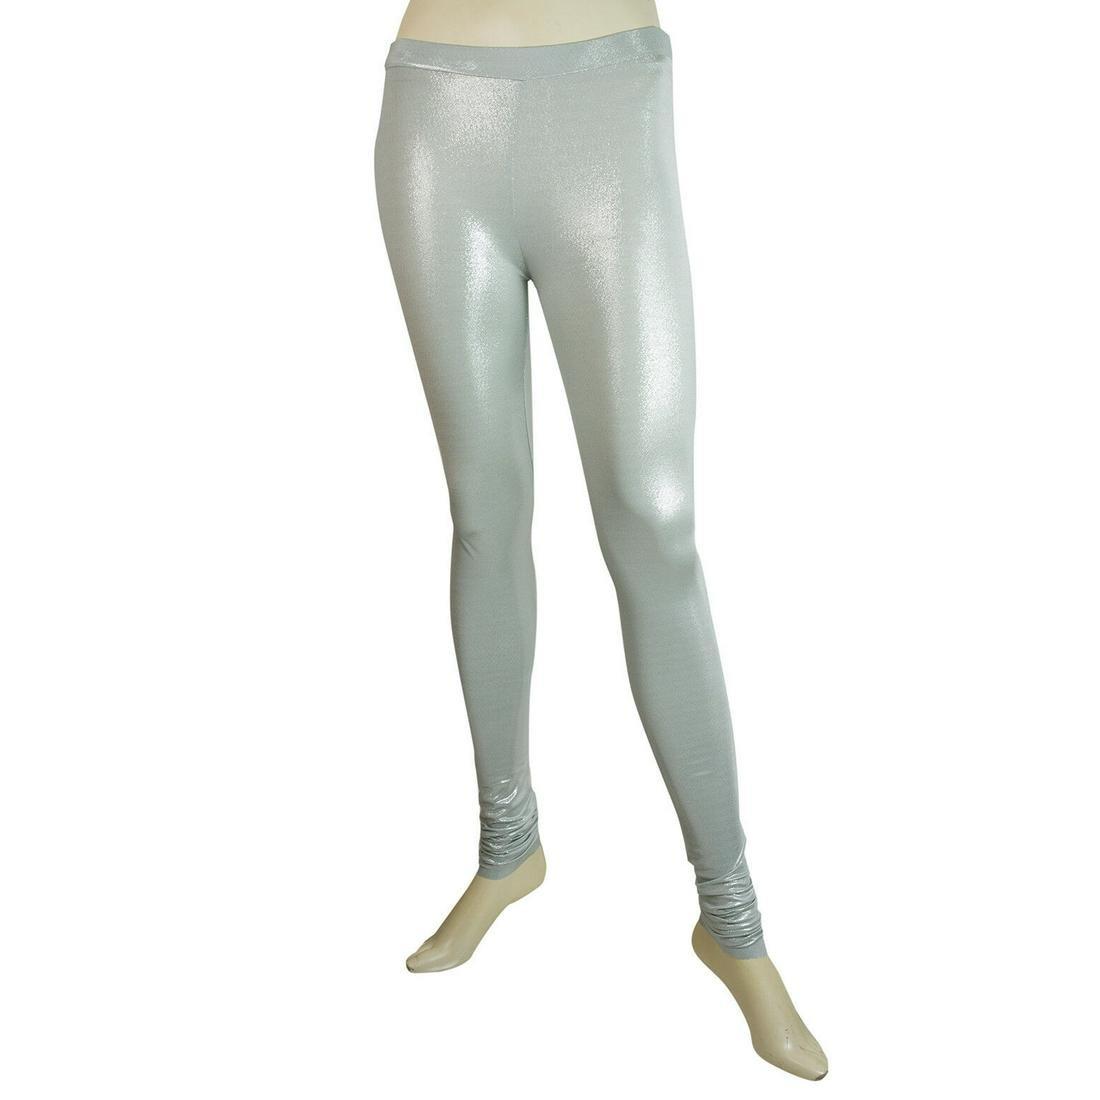 Delphine Murat Sky Blue Glittery Shiny Leggings